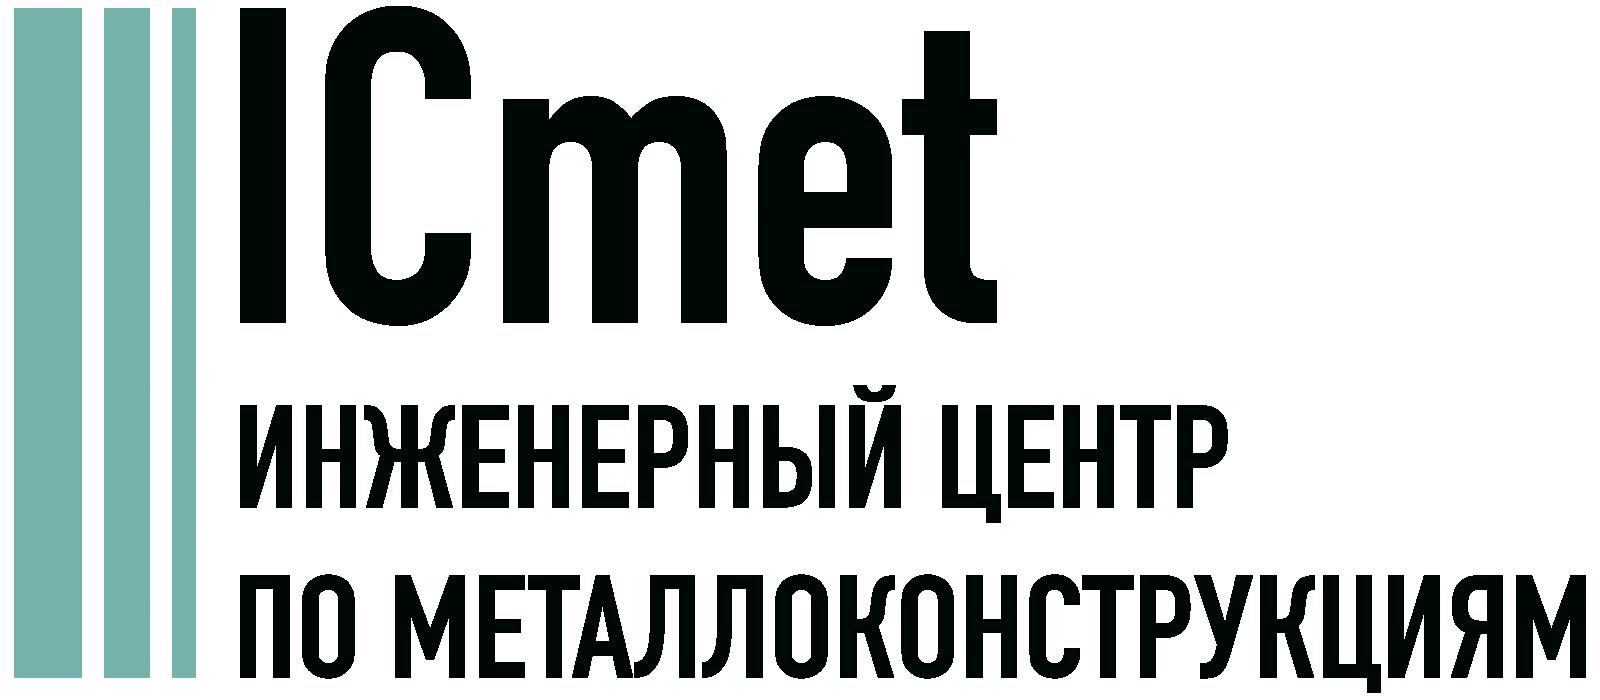 Проектирование металлоконструкций в Саратове